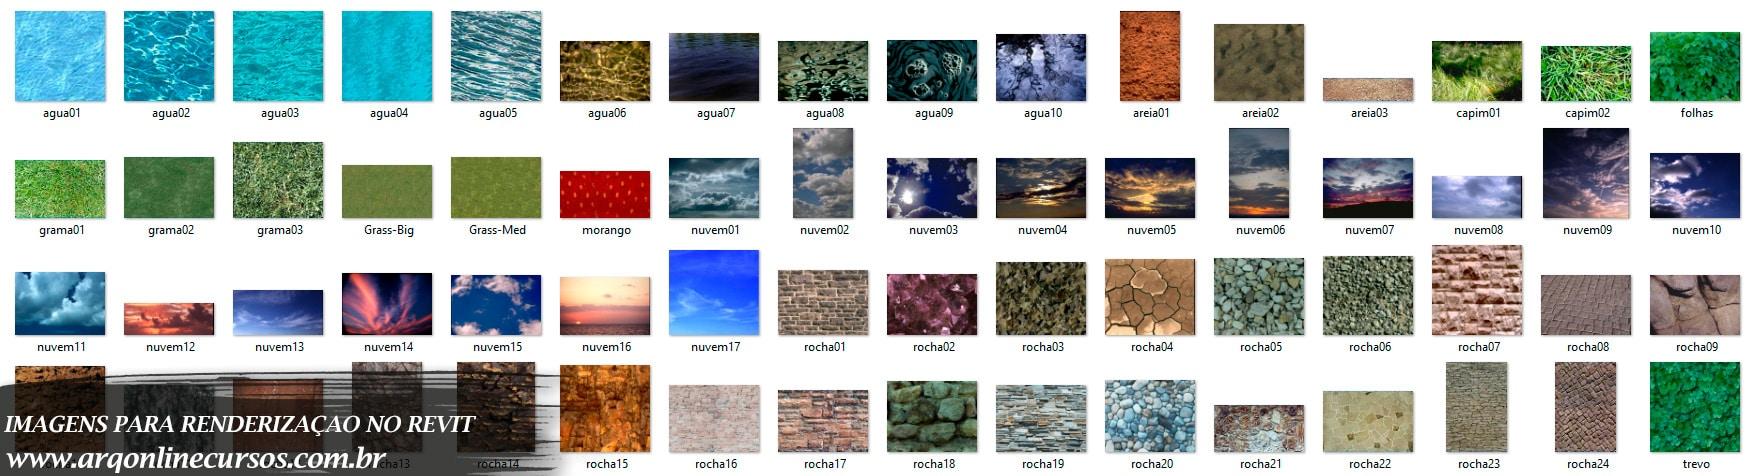 imagens para renderização no revit pasta água